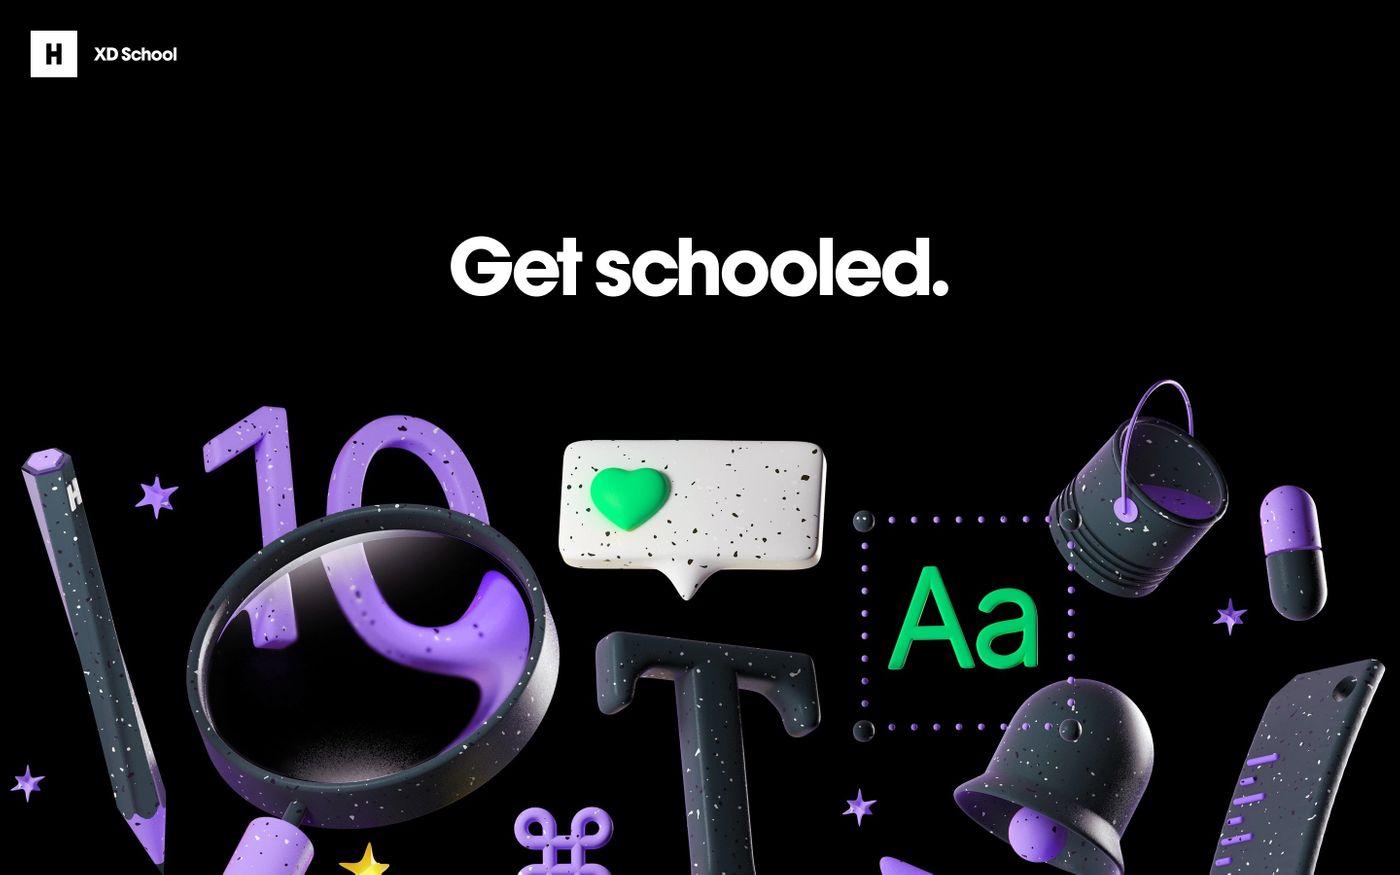 Screenshot of Huge XD School website